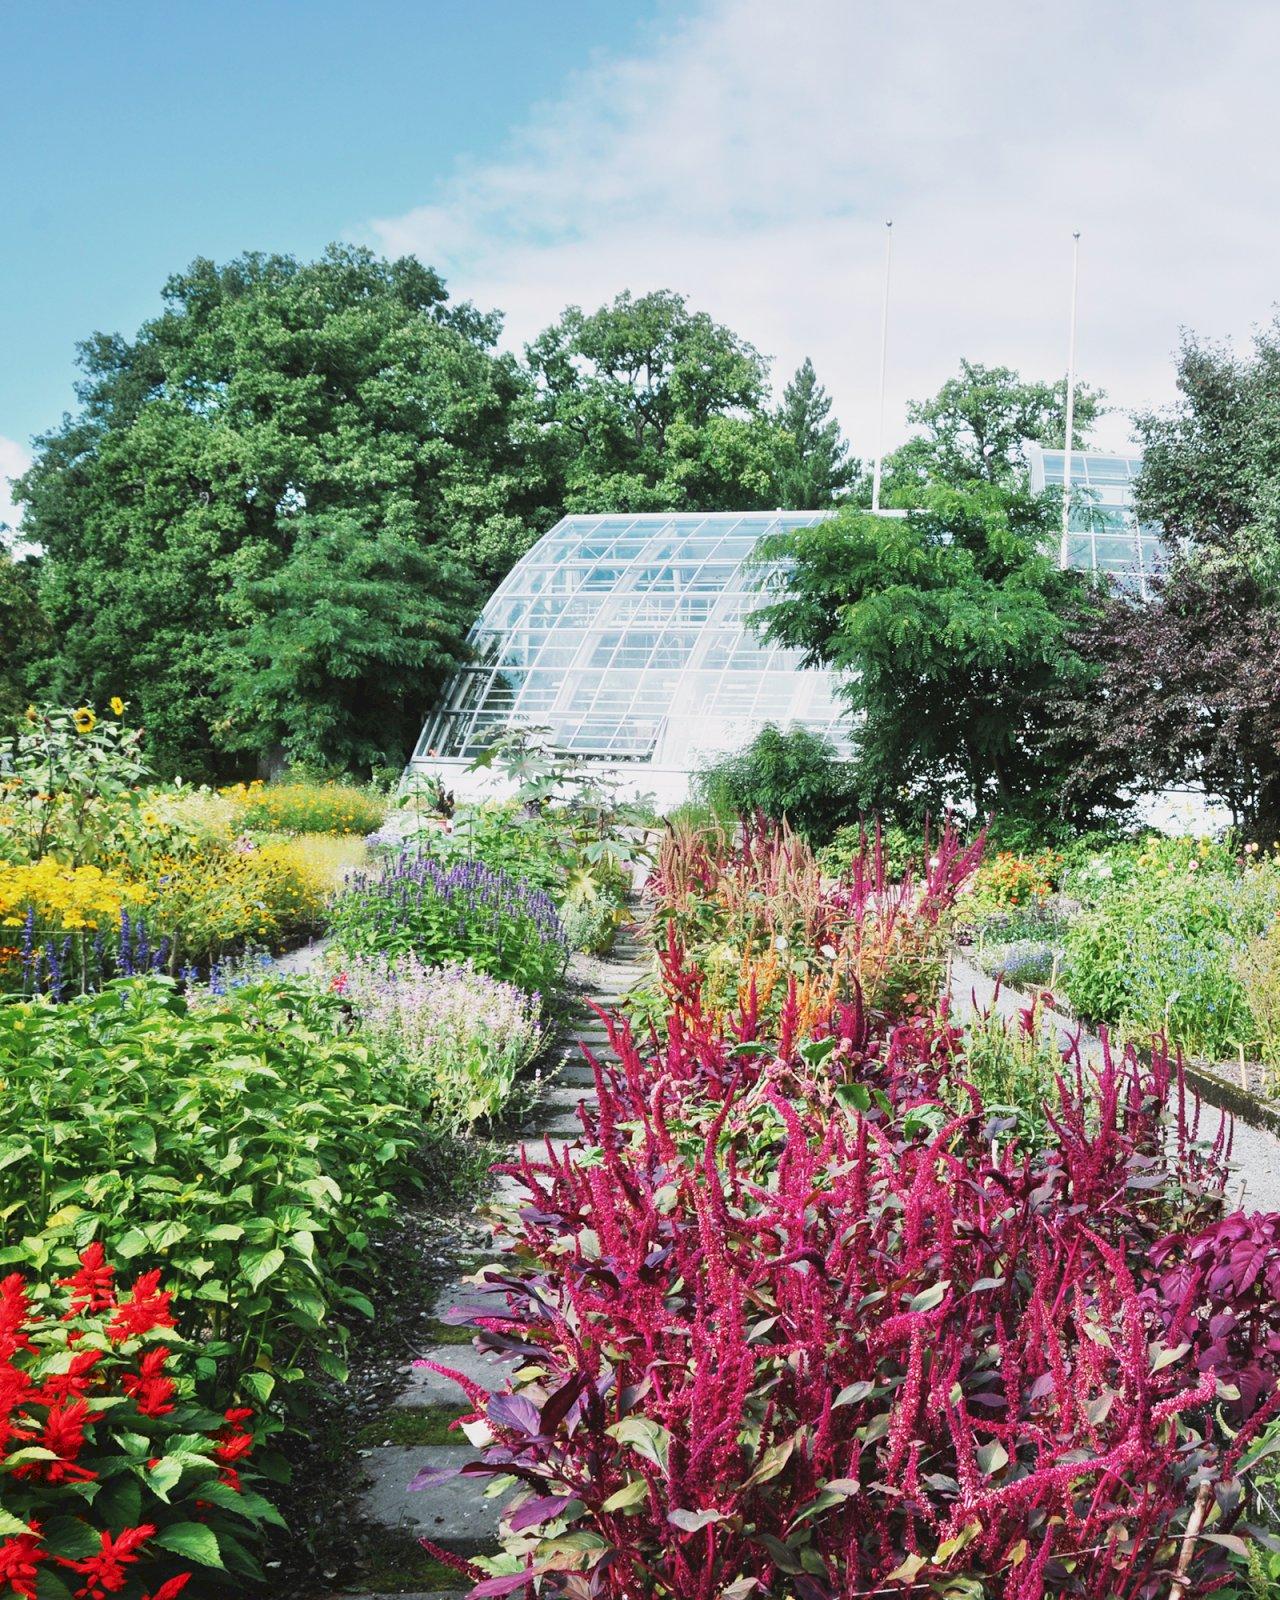 Värikkäitä kasveja ja kukkia Ruissalon kasvitieteellisen puutarhan ulkopuutarhassa.